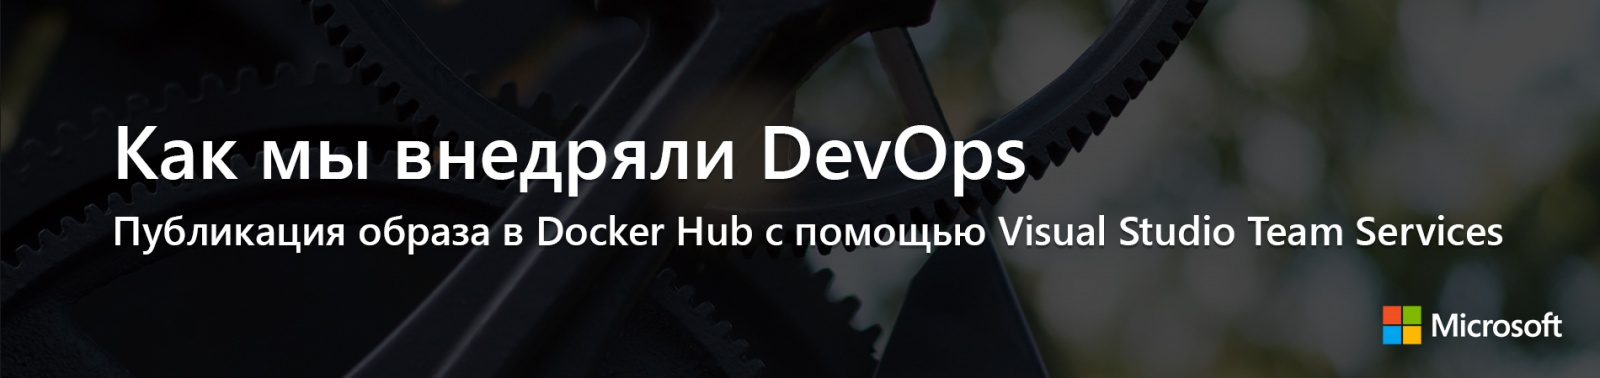 Как мы внедряли DevOps: публикация образа в Docker Hub с помощью Visual Studio Team Services - 1